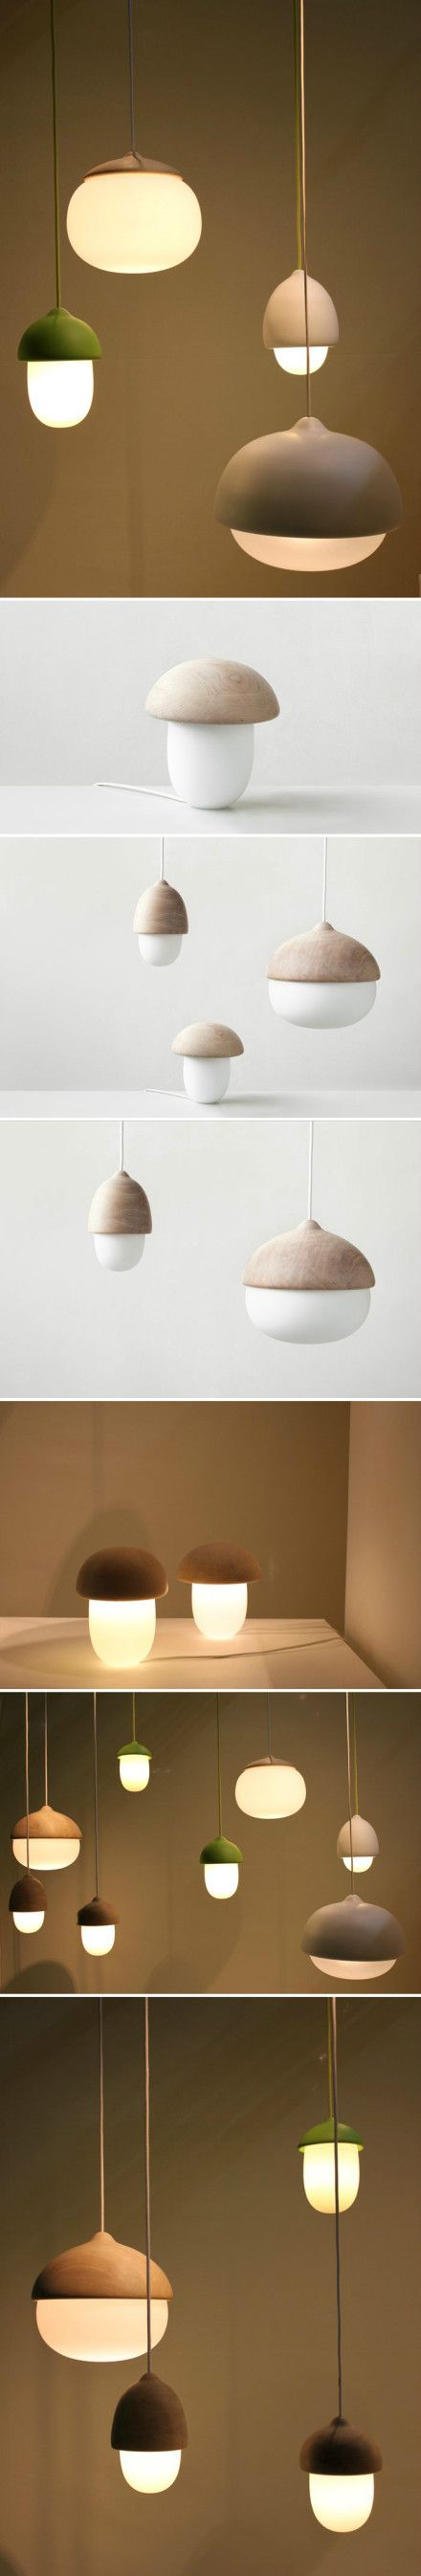 芬兰设计师 Maija Puoskari 设计的灯具Terho and Tatti,用人工吹制的玻璃和芬兰本地桤木制作而成。